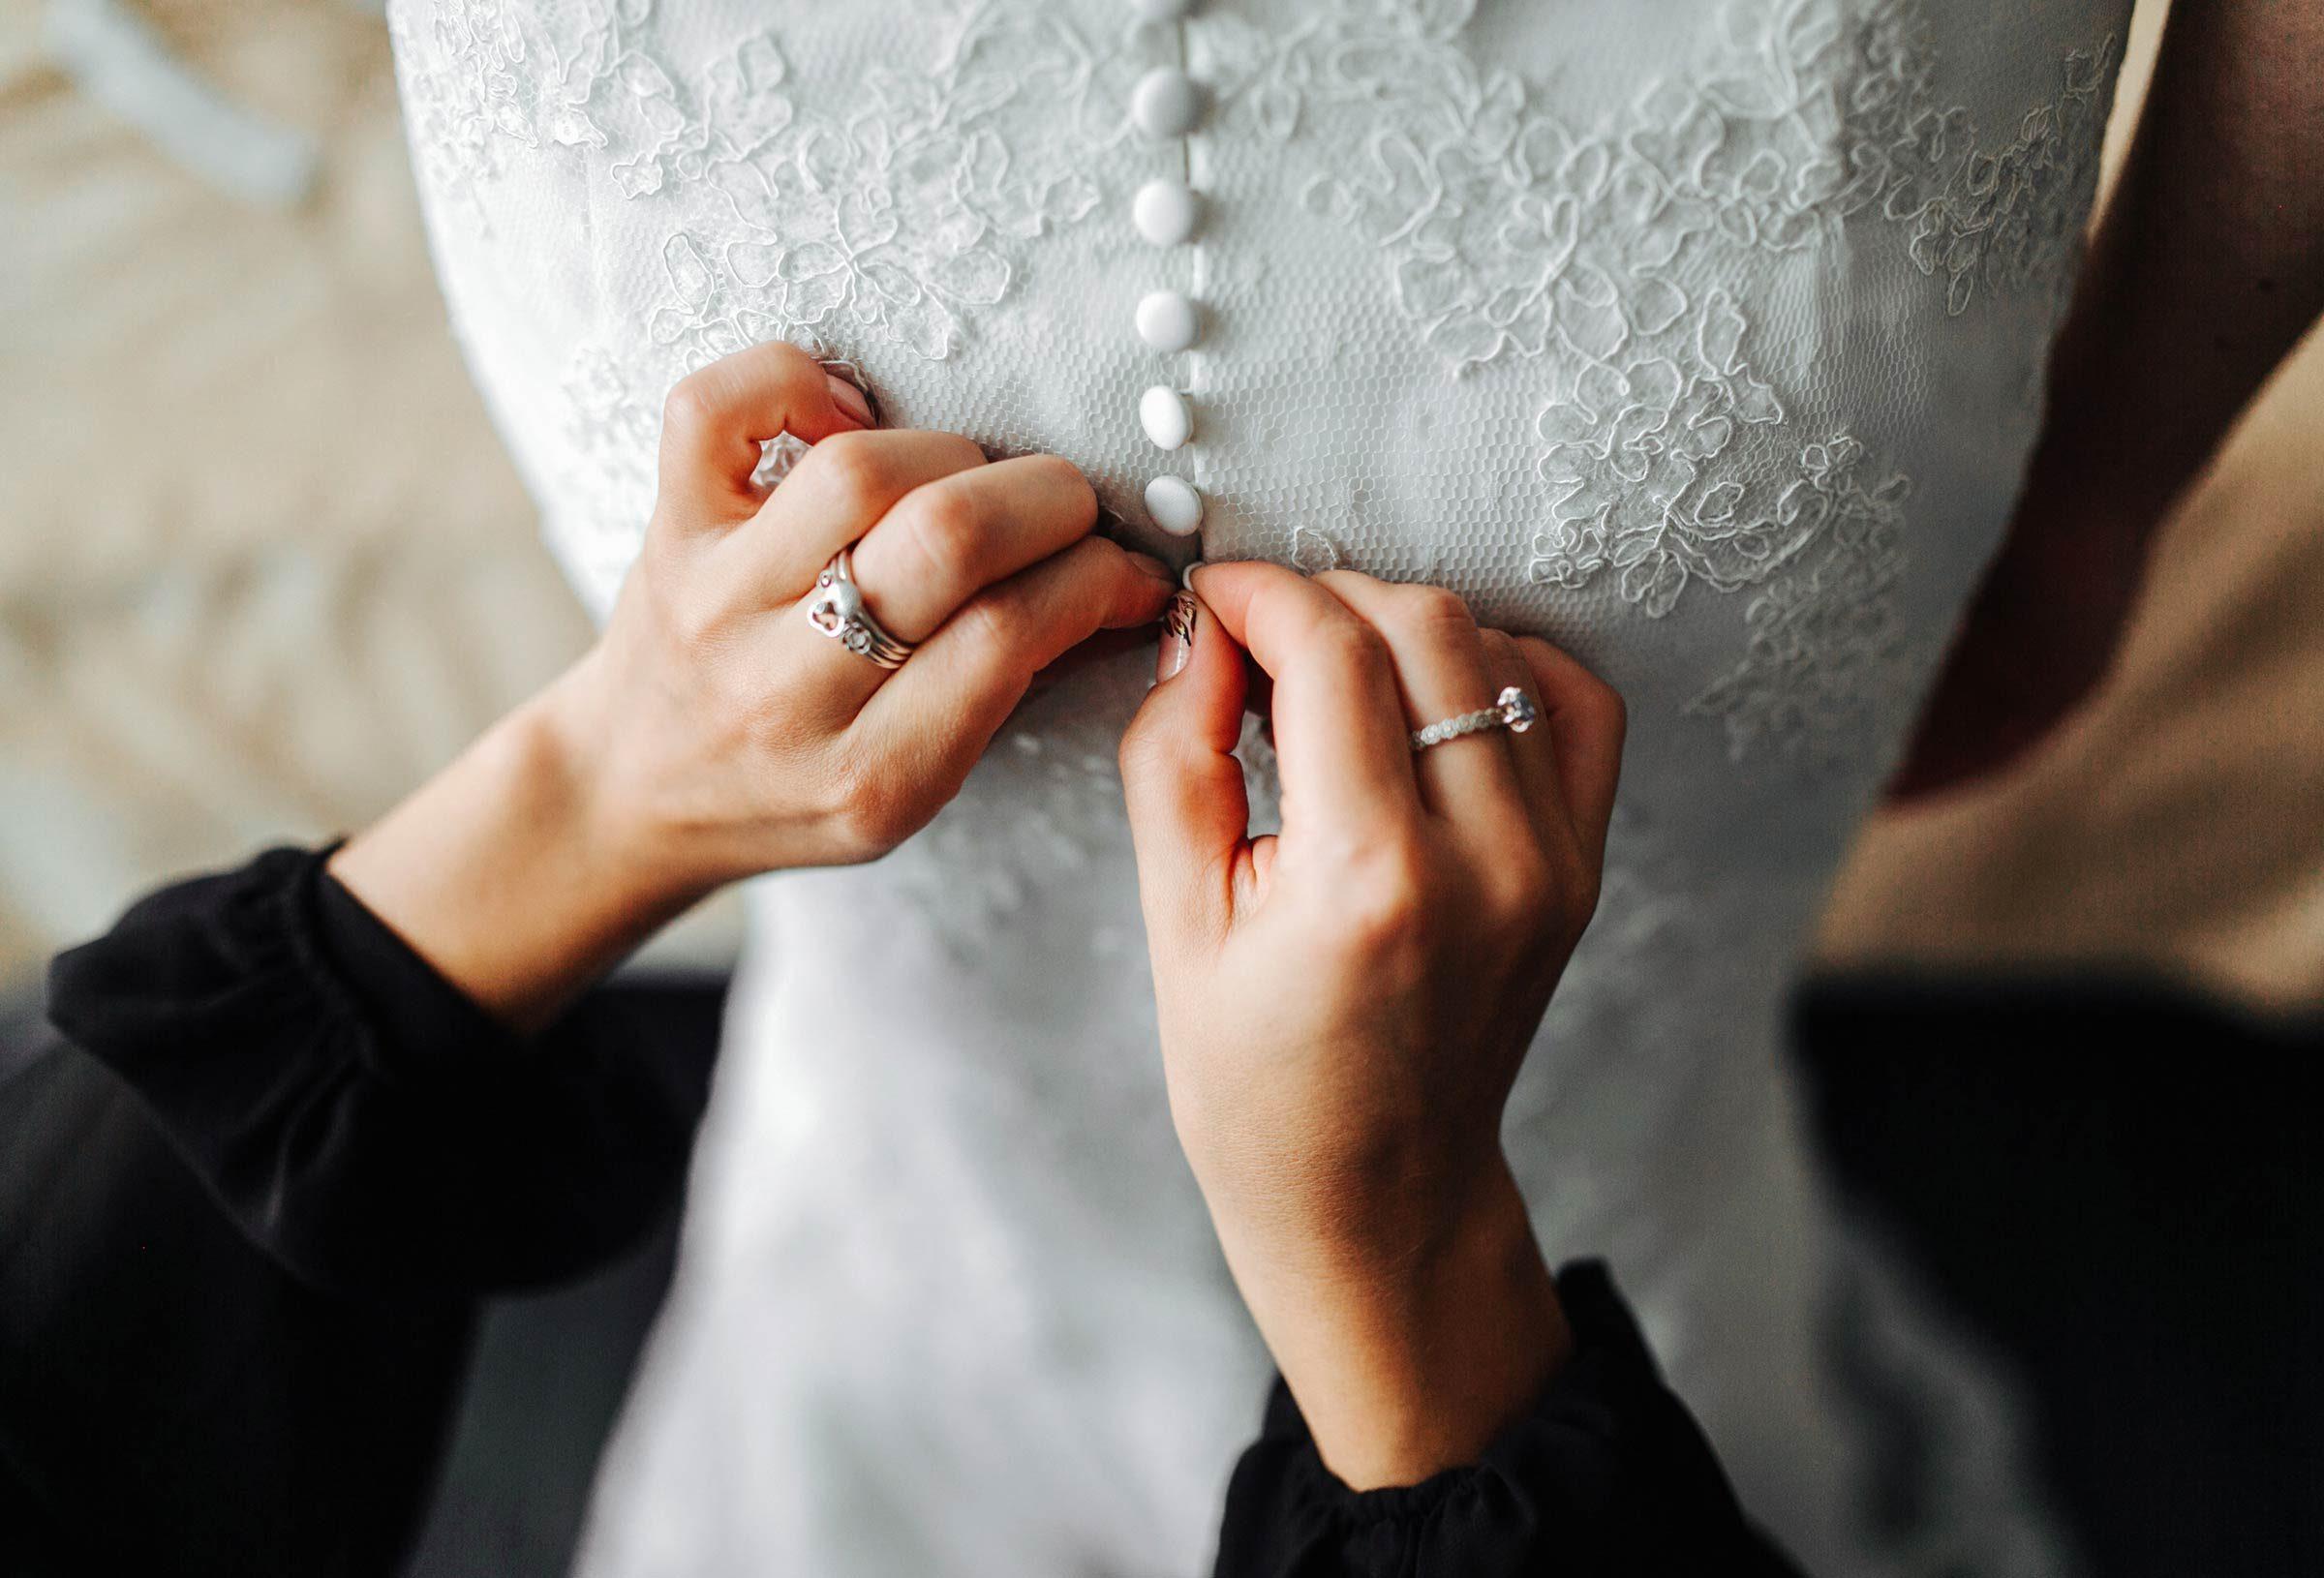 05_Bridesmaid_Etiquette_tips_for_